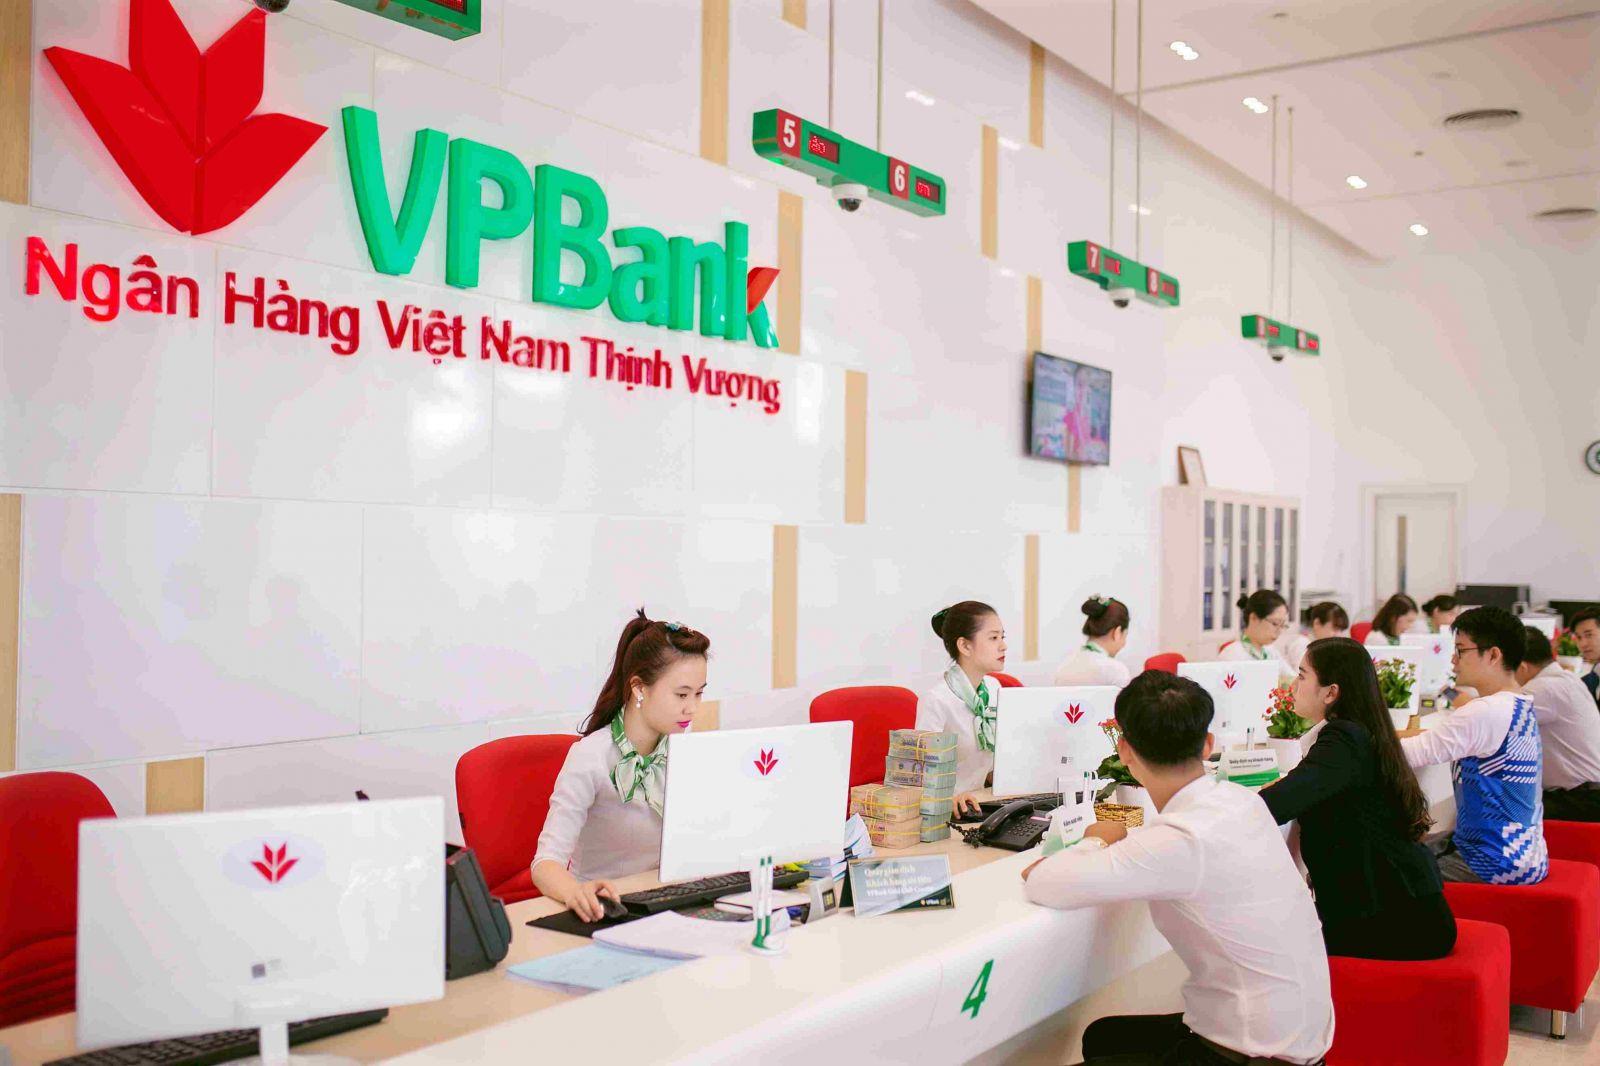 VPBank công bố lợi nhuận trước thuế trong 9 tháng